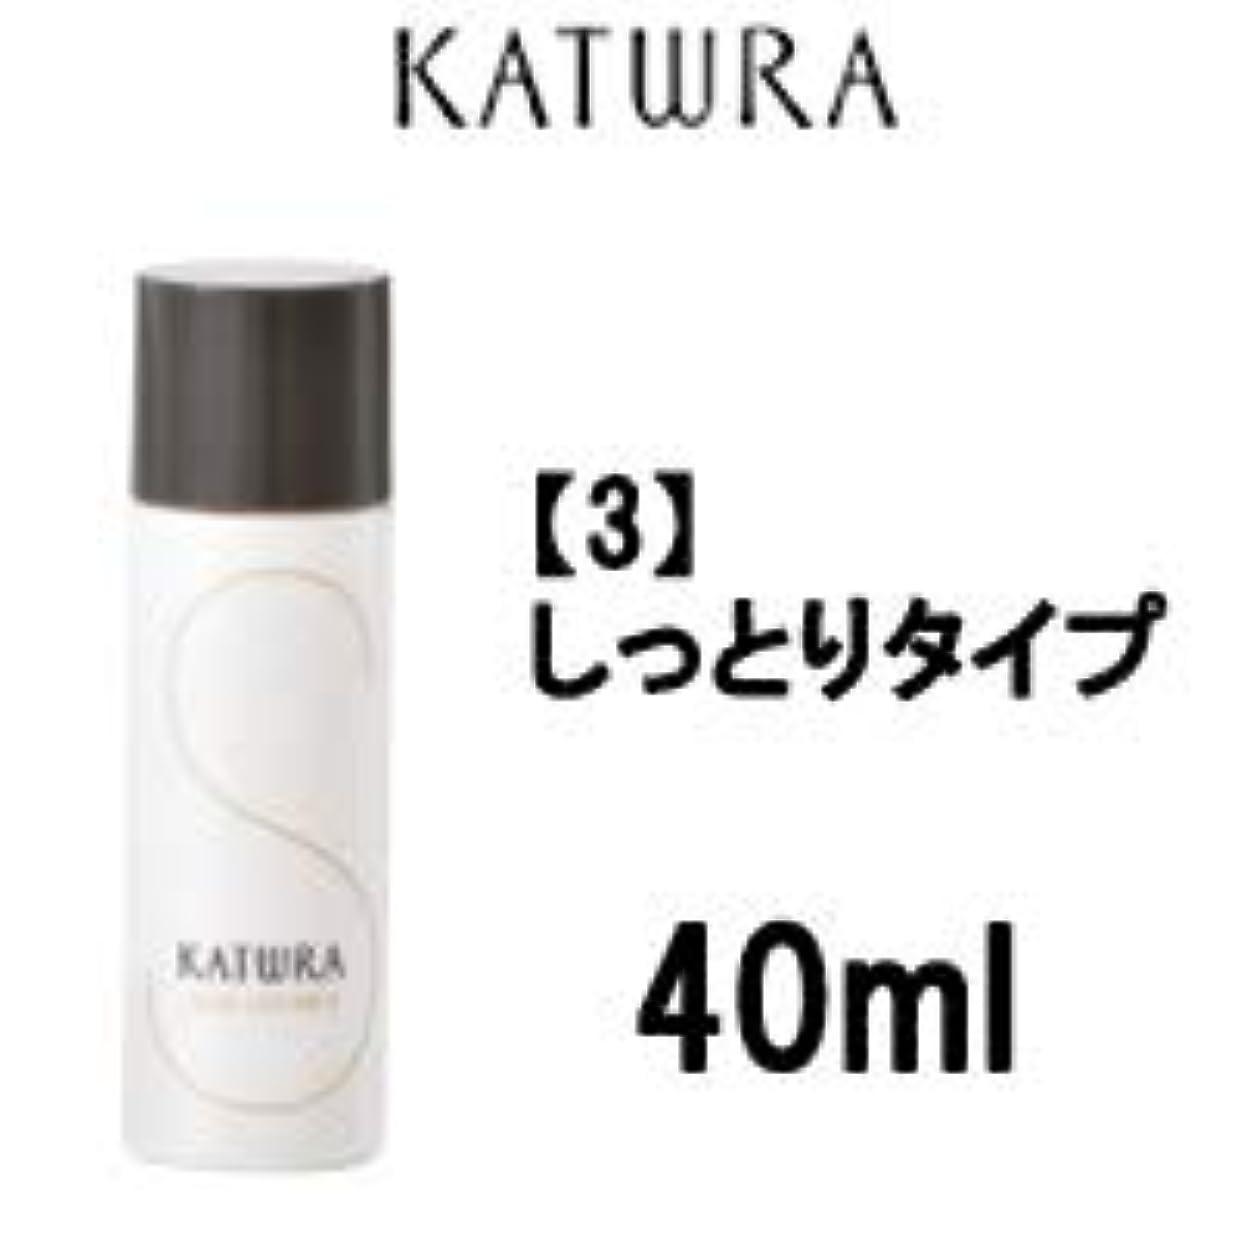 航海億状態カツウラ化粧品 スキンローションA 40ml (3 しっとりタイプ)